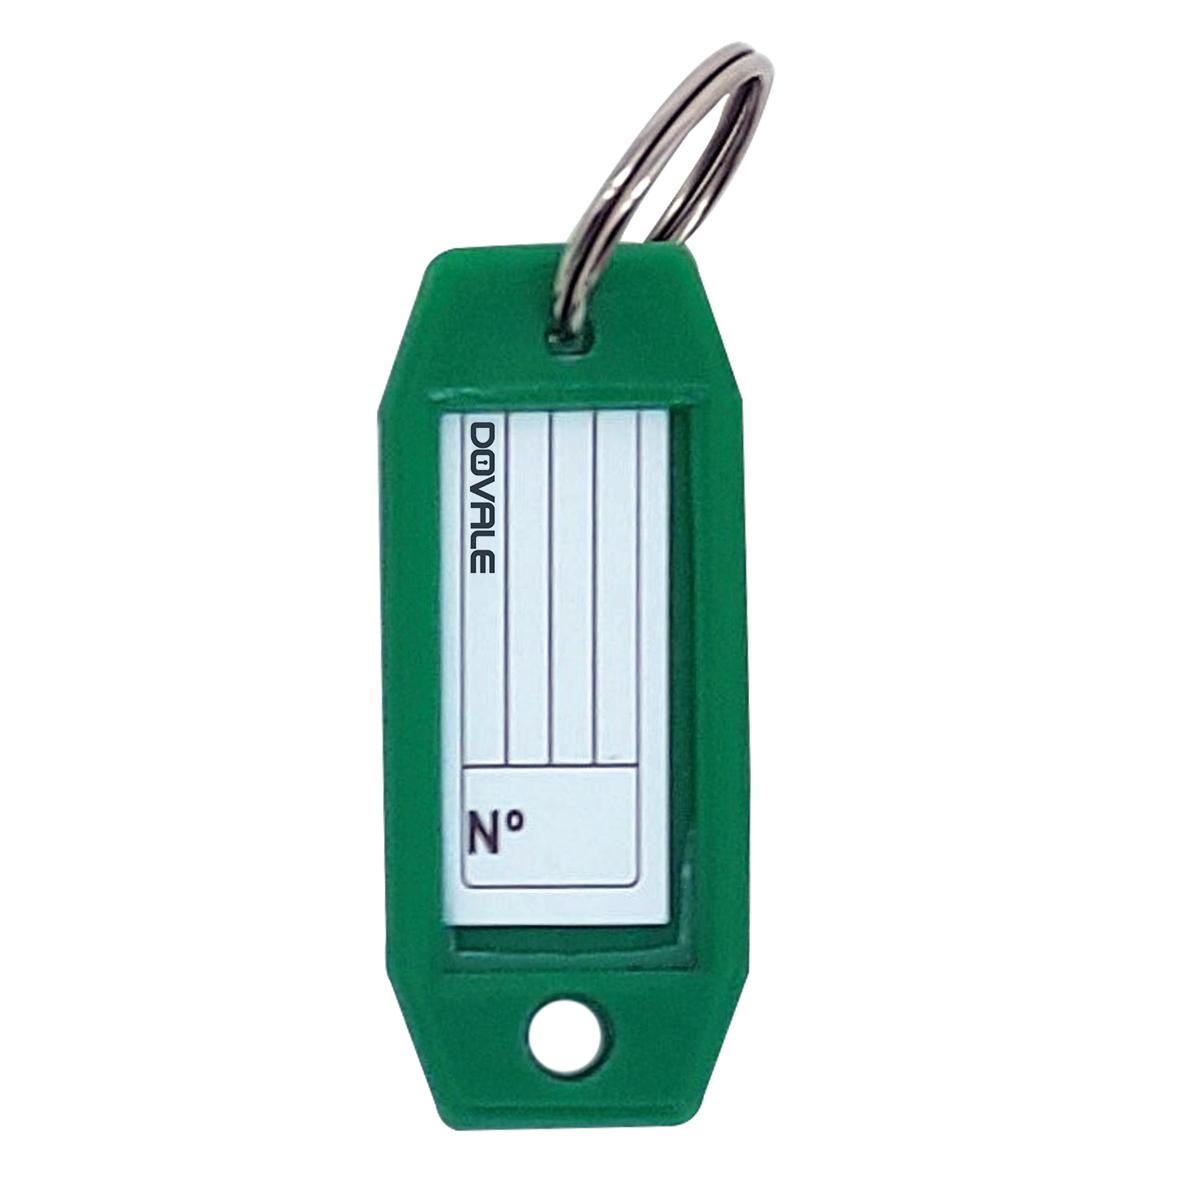 Etiqueta Dovale p/ Chaves Modelo 3 Verde C/50 unid. - 77248